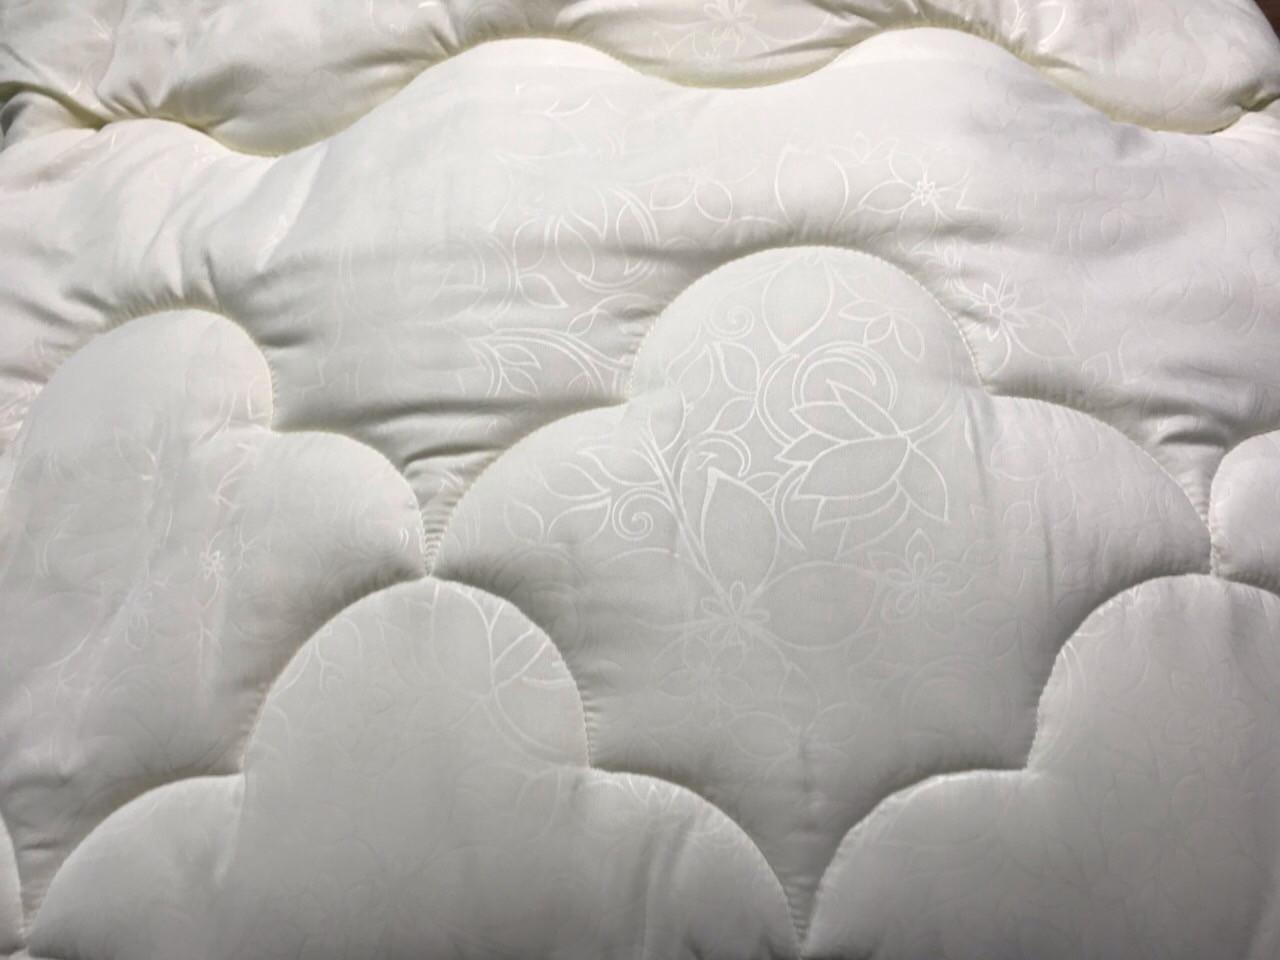 Ковдра Райсон холлофайбер Євро розмір зимова персиковий